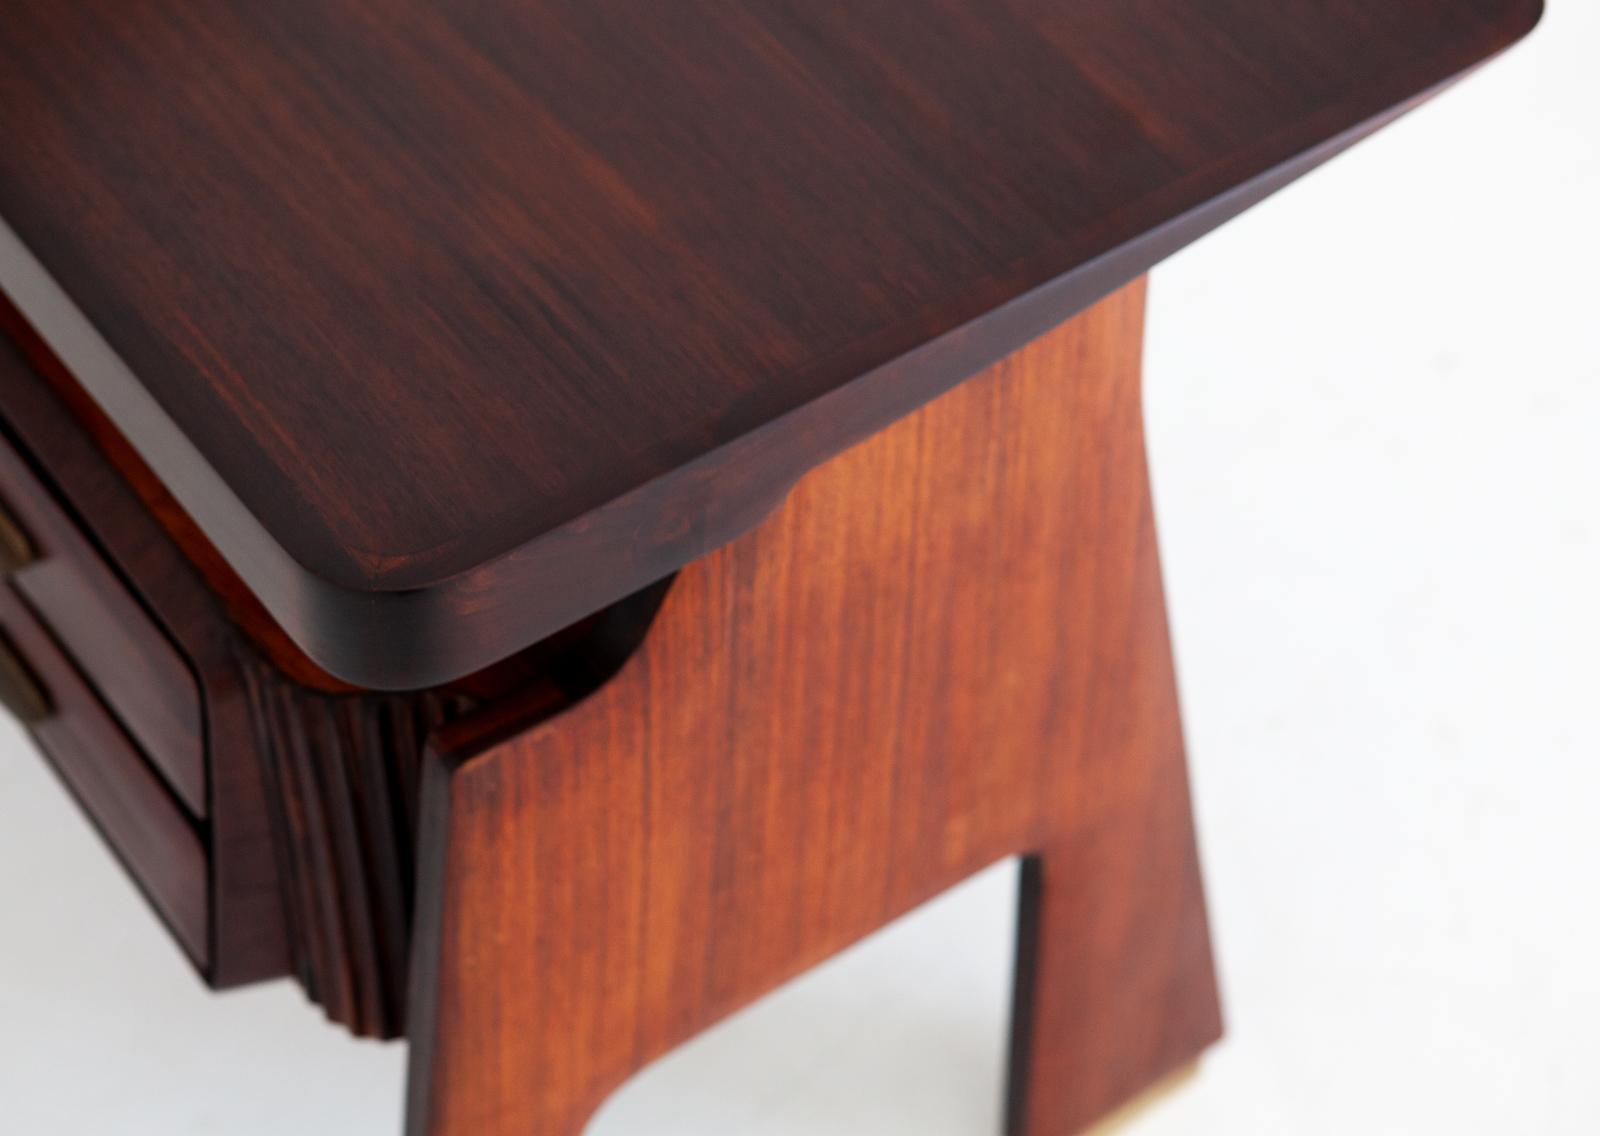 1950s-Italian-rosewood-desk-table-dassi-1-d28